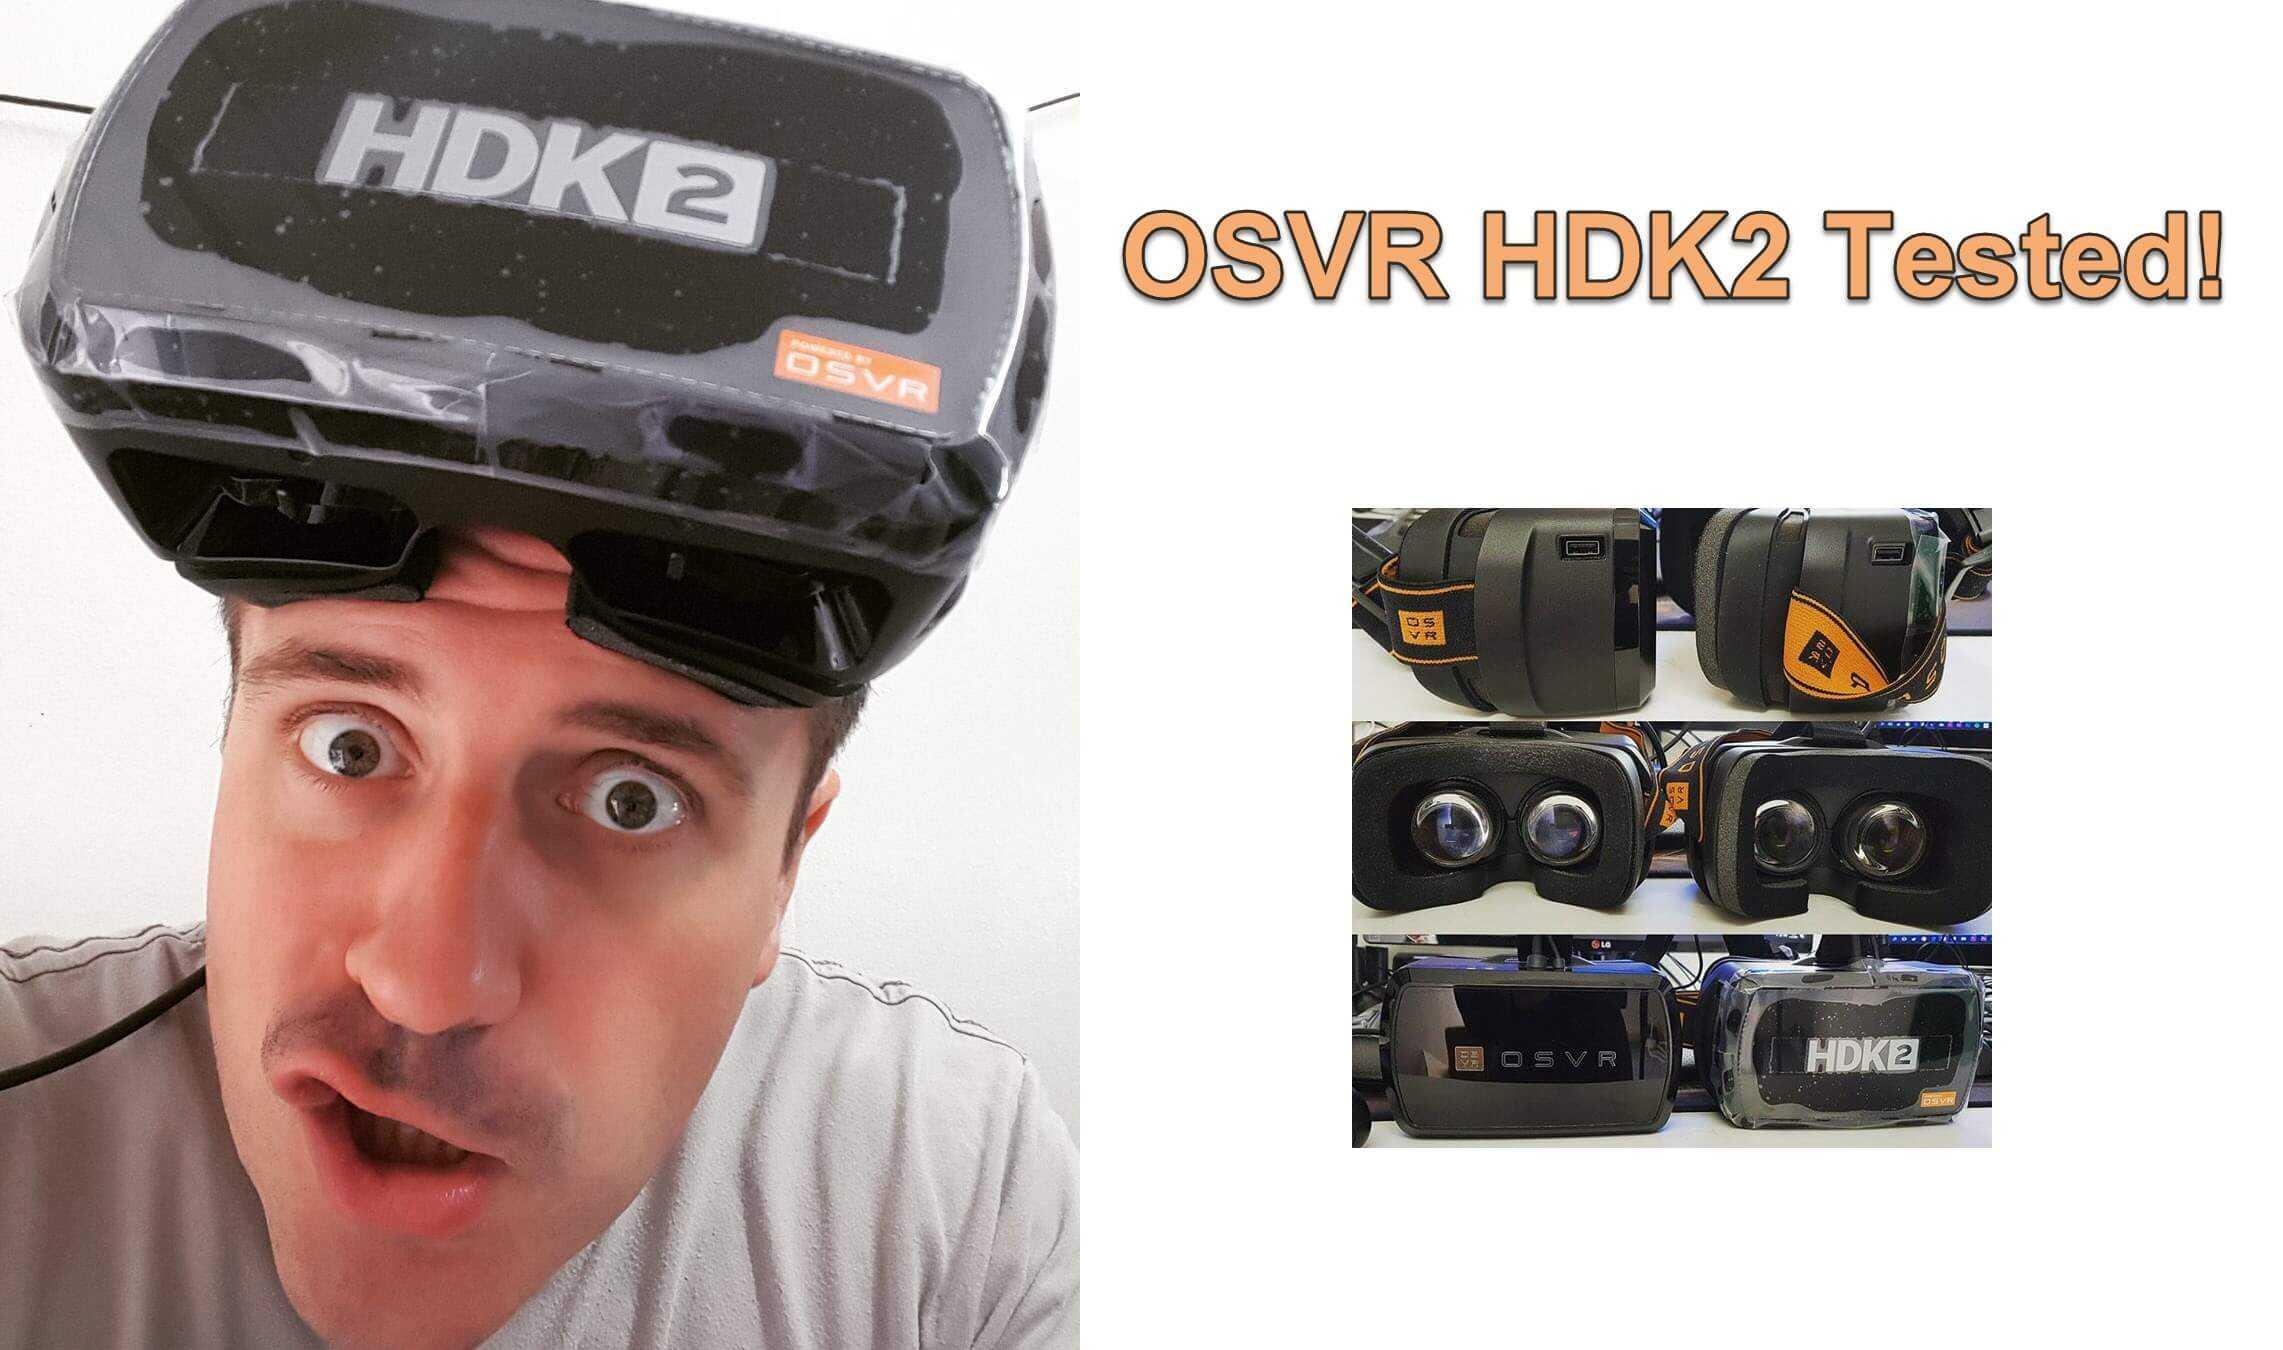 Review OSVR HDK2